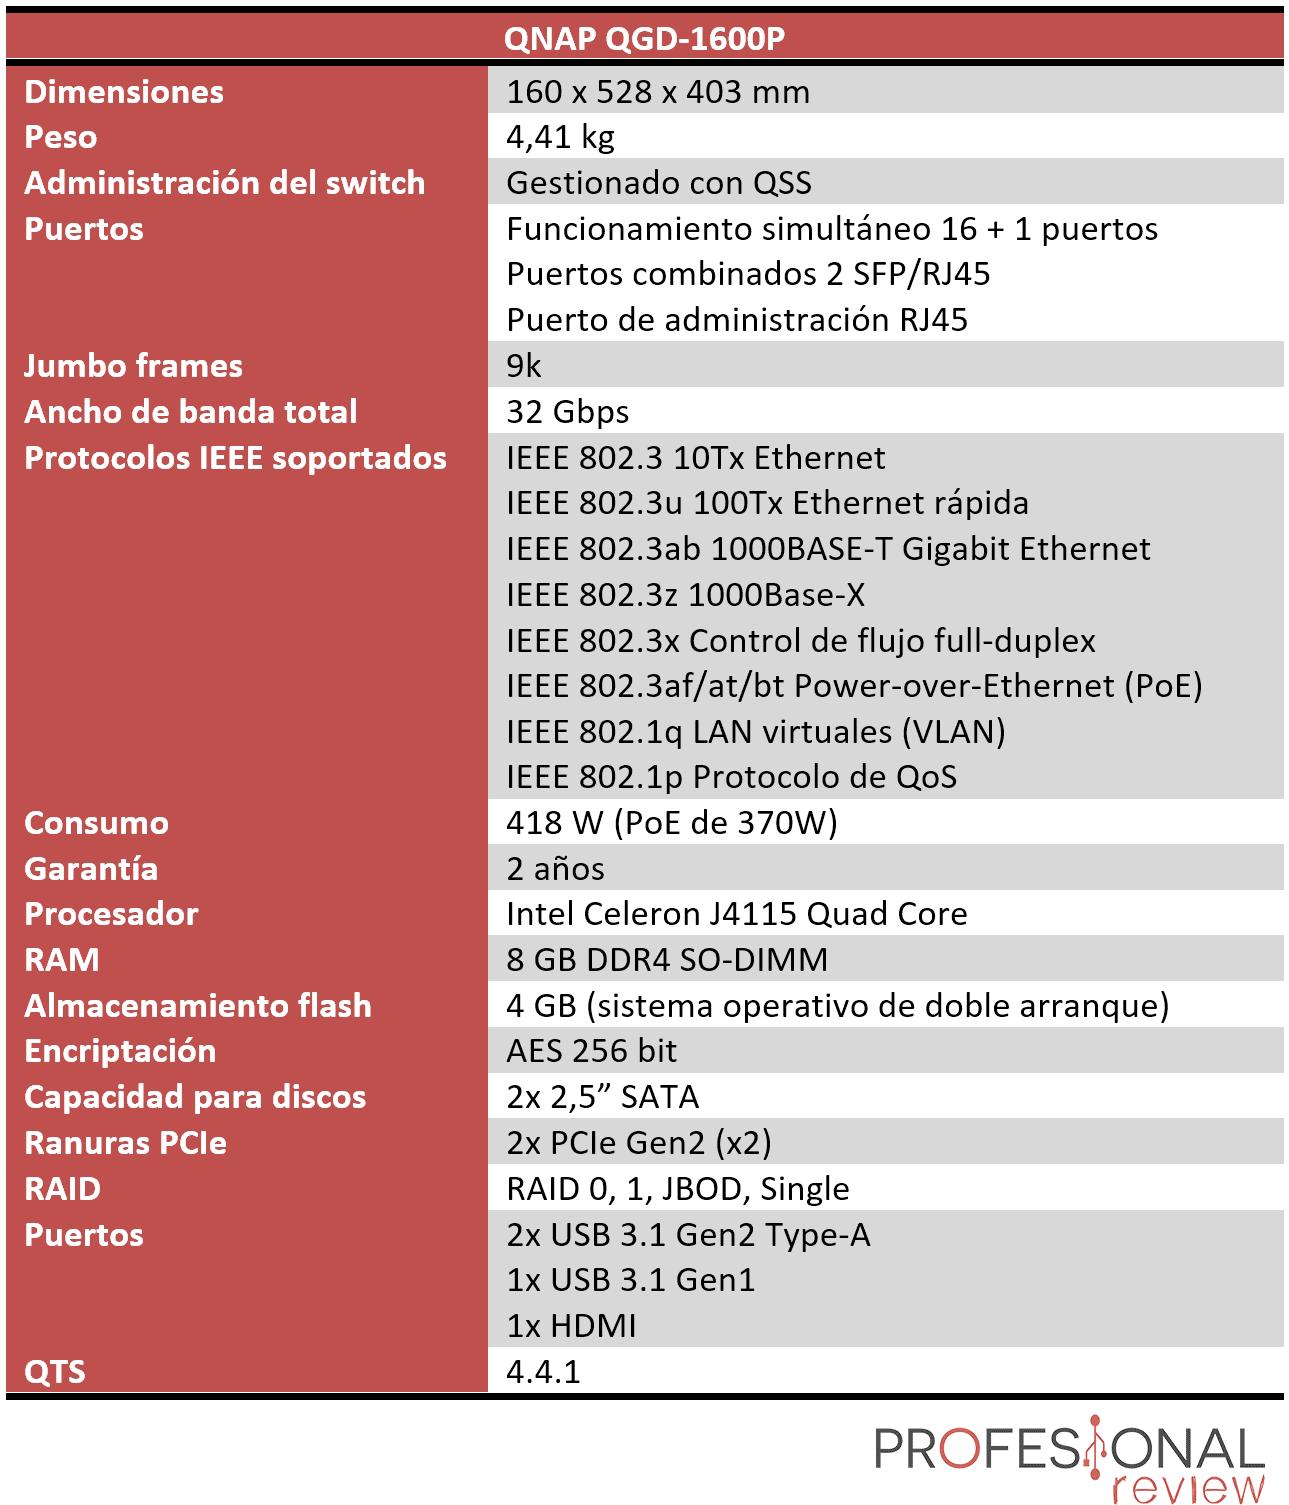 QNAP QGD-1600P Características